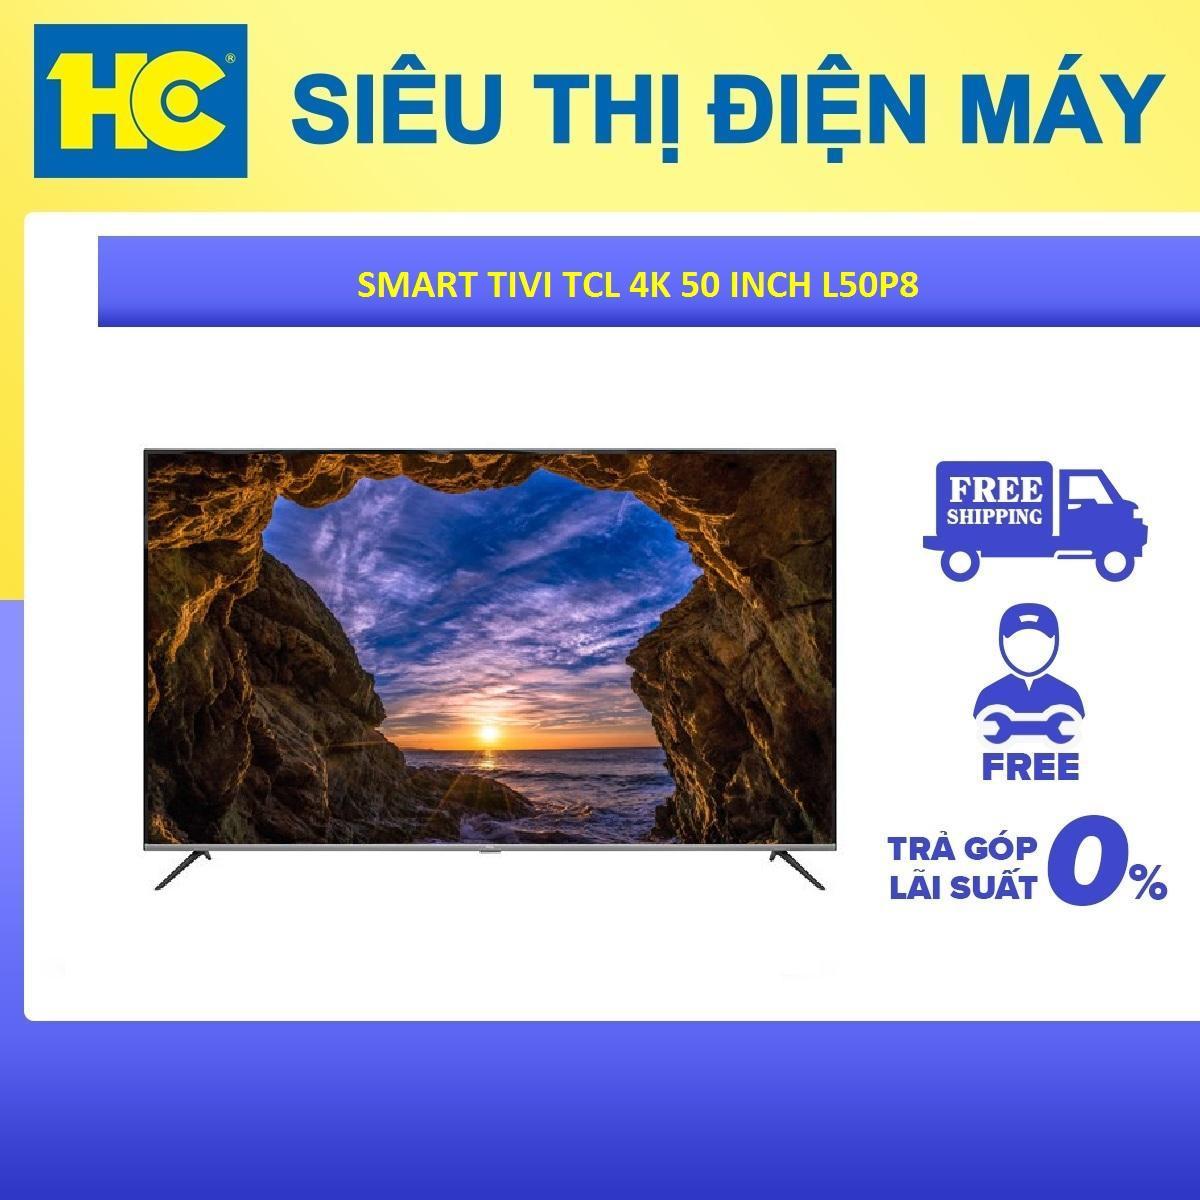 Bảng giá Smart Tivi TCL 50 inch 4K L50P8 - Bảo hành 2 năm - Miễn phí vận chuyển & lắp đặt - hỗ trợ trả góp